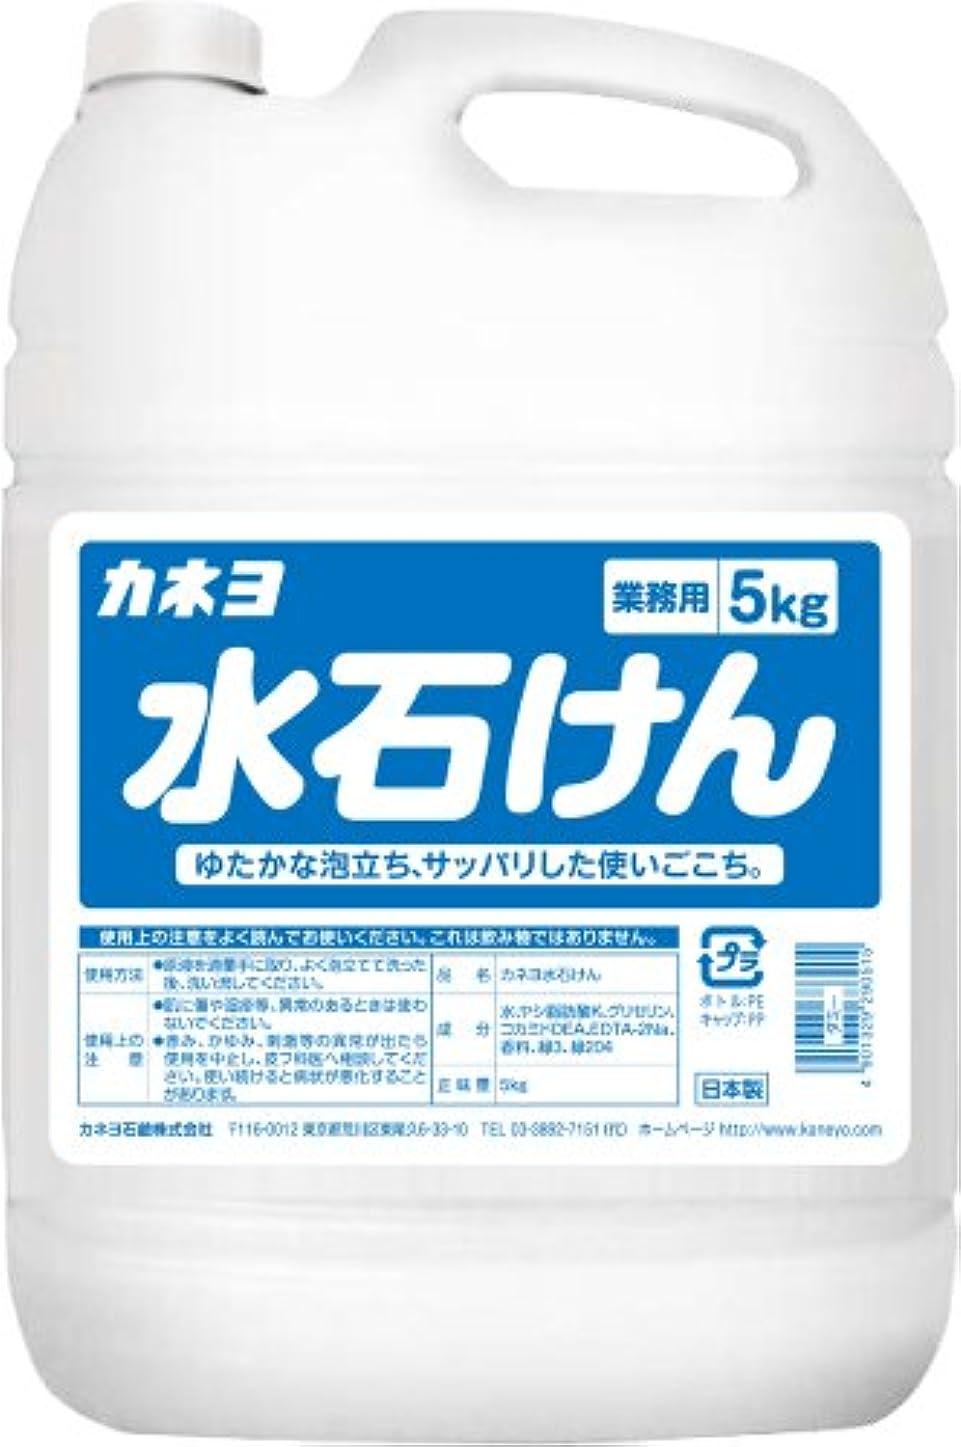 召喚する風景邪魔する【大容量】 カネヨ石鹸 ハンドソープ 水石けん 液体 業務用 5kg